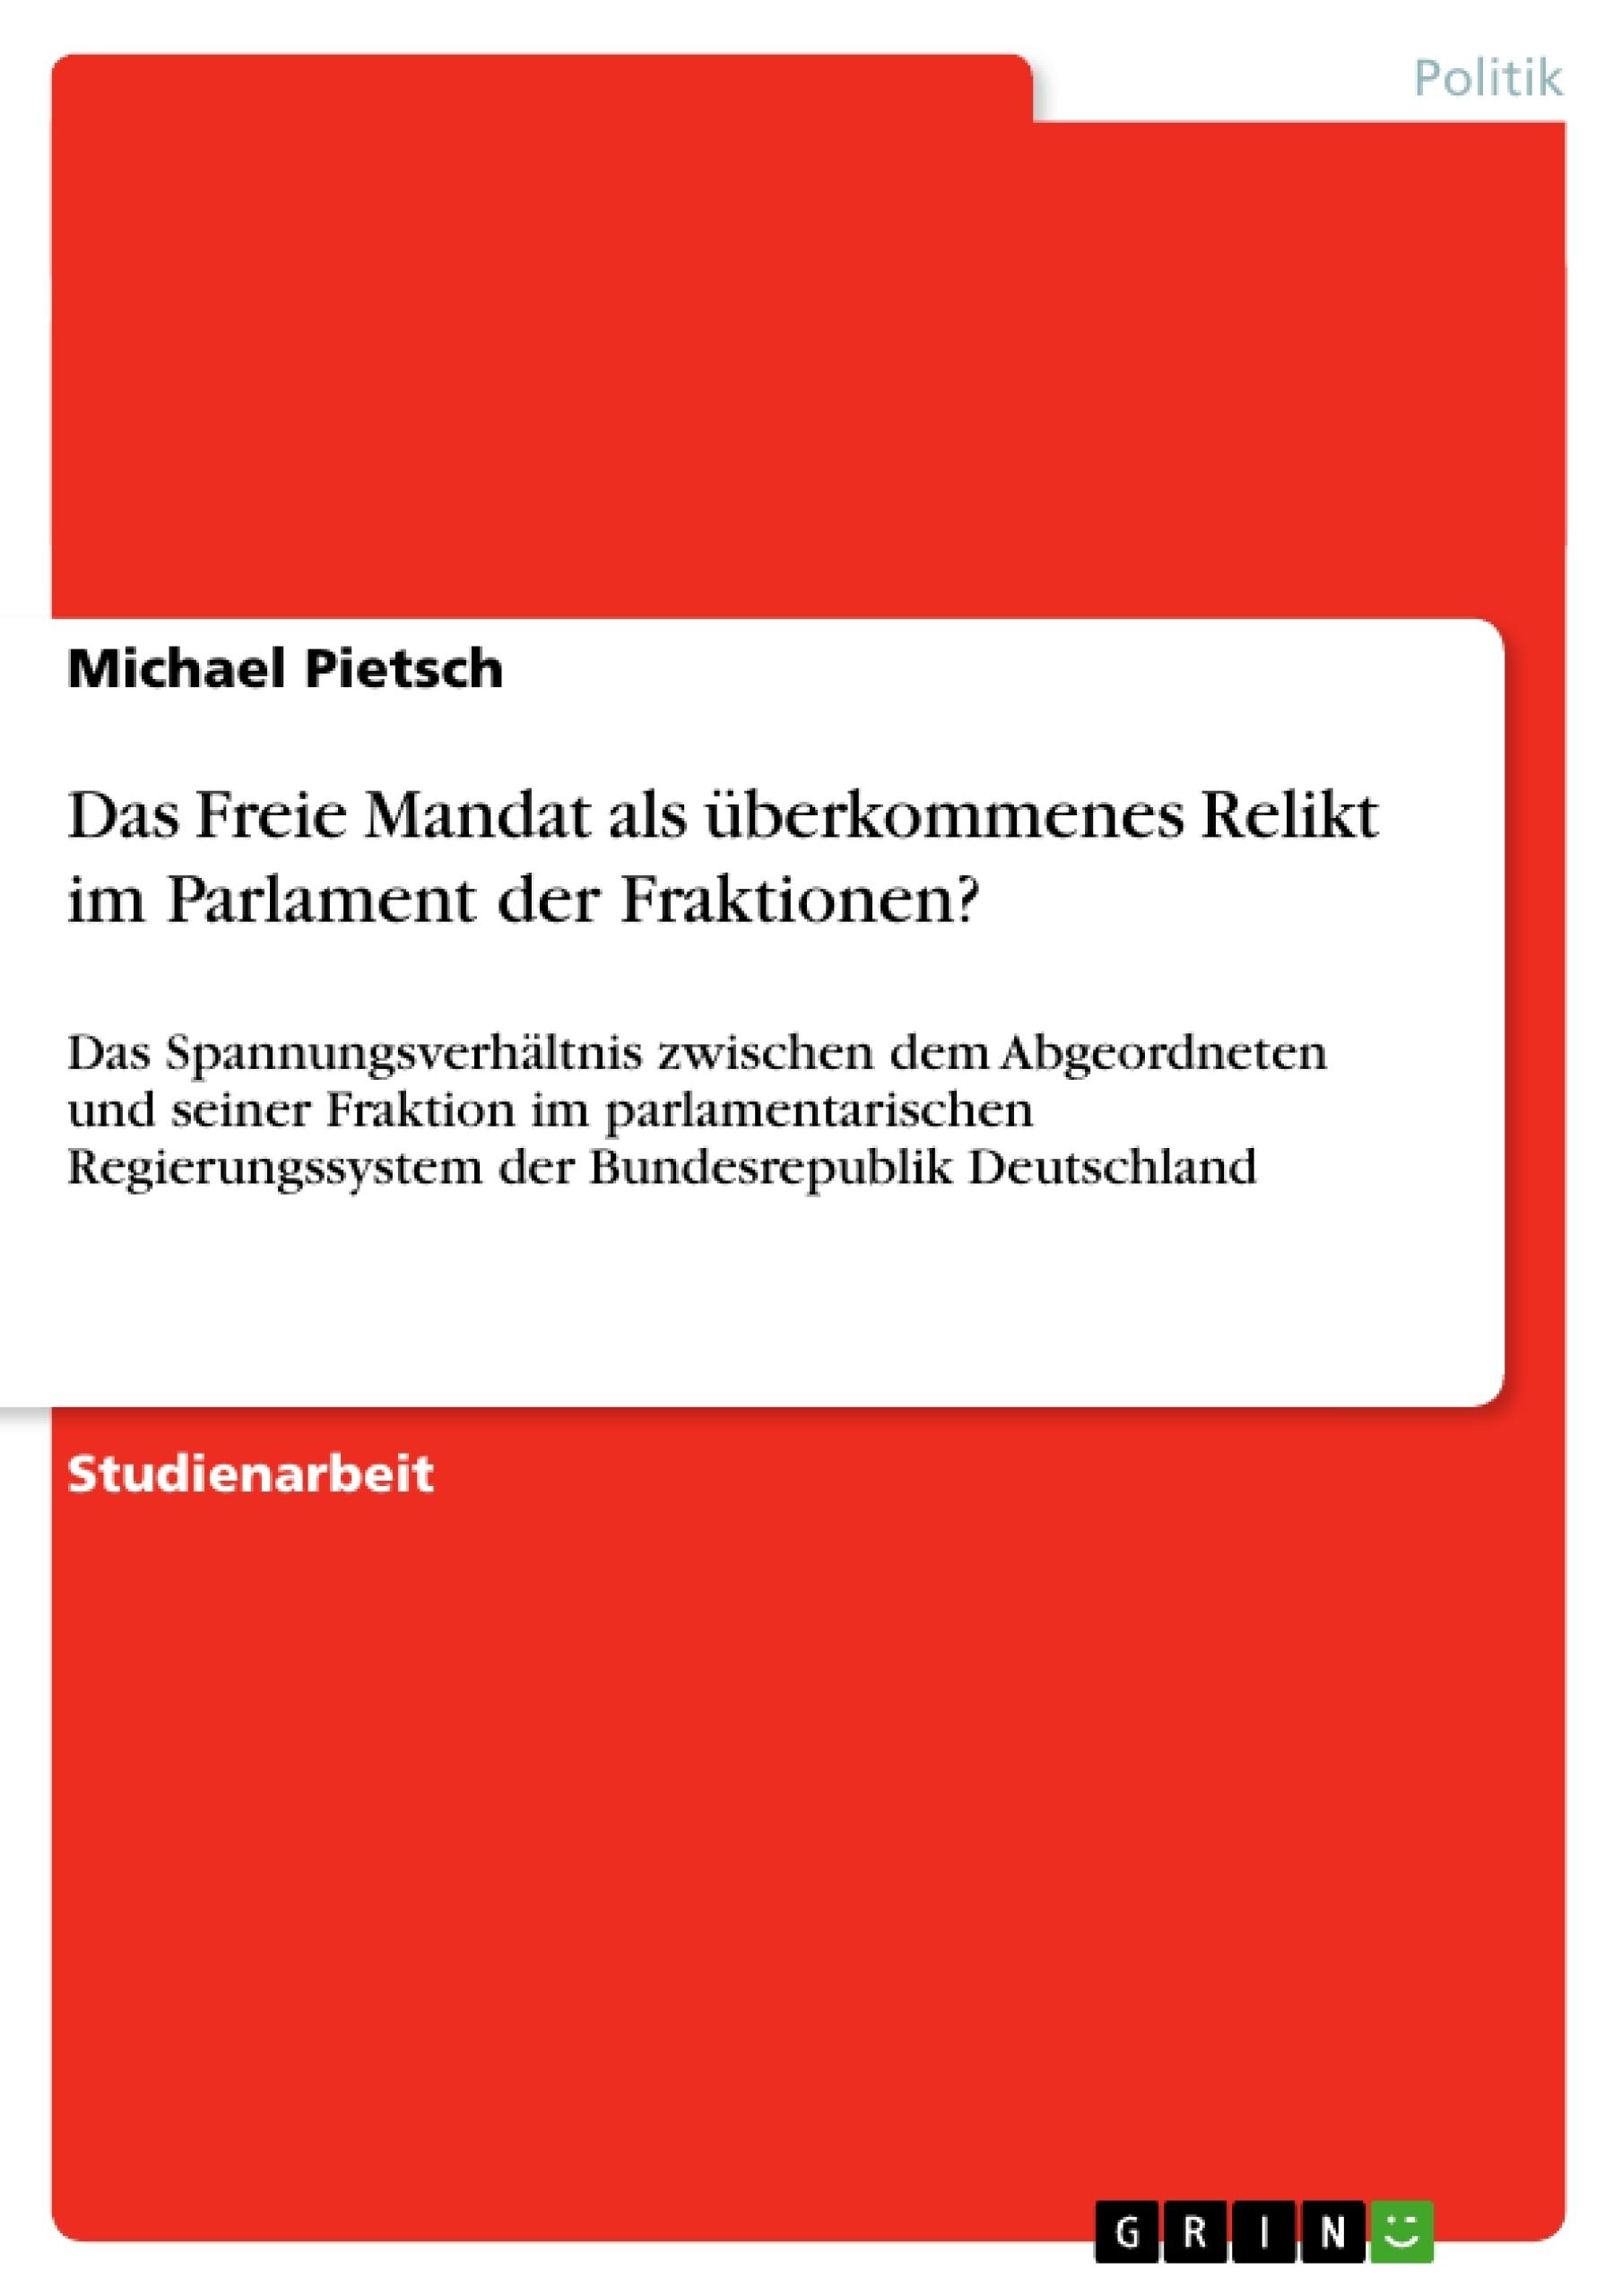 Titel: Das Freie Mandat als überkommenes Relikt im Parlament der Fraktionen?